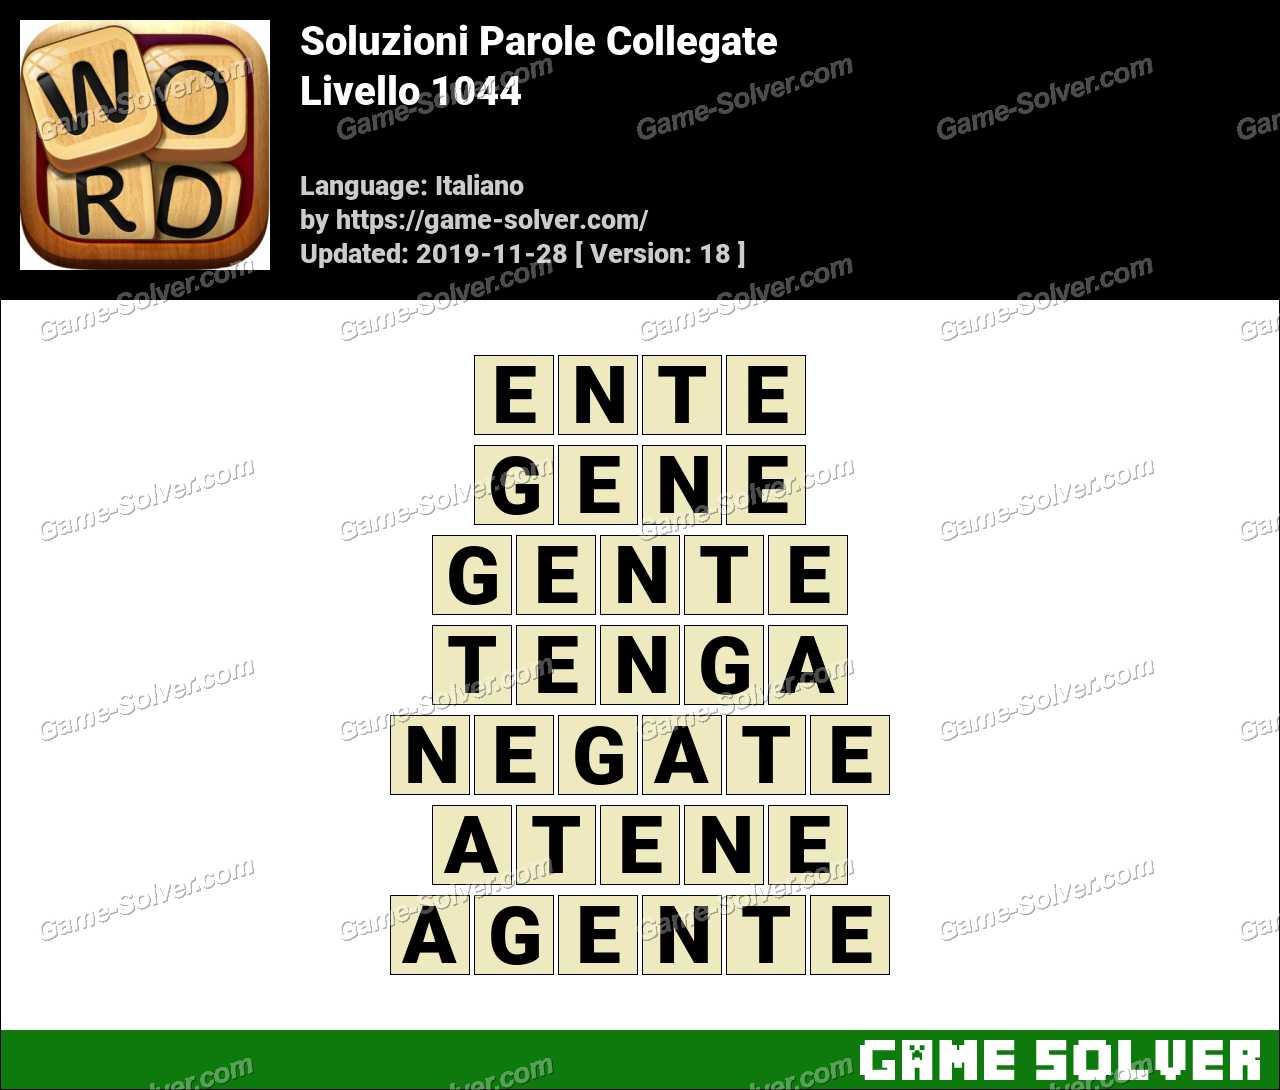 Soluzioni Parole Collegate Livello 1044